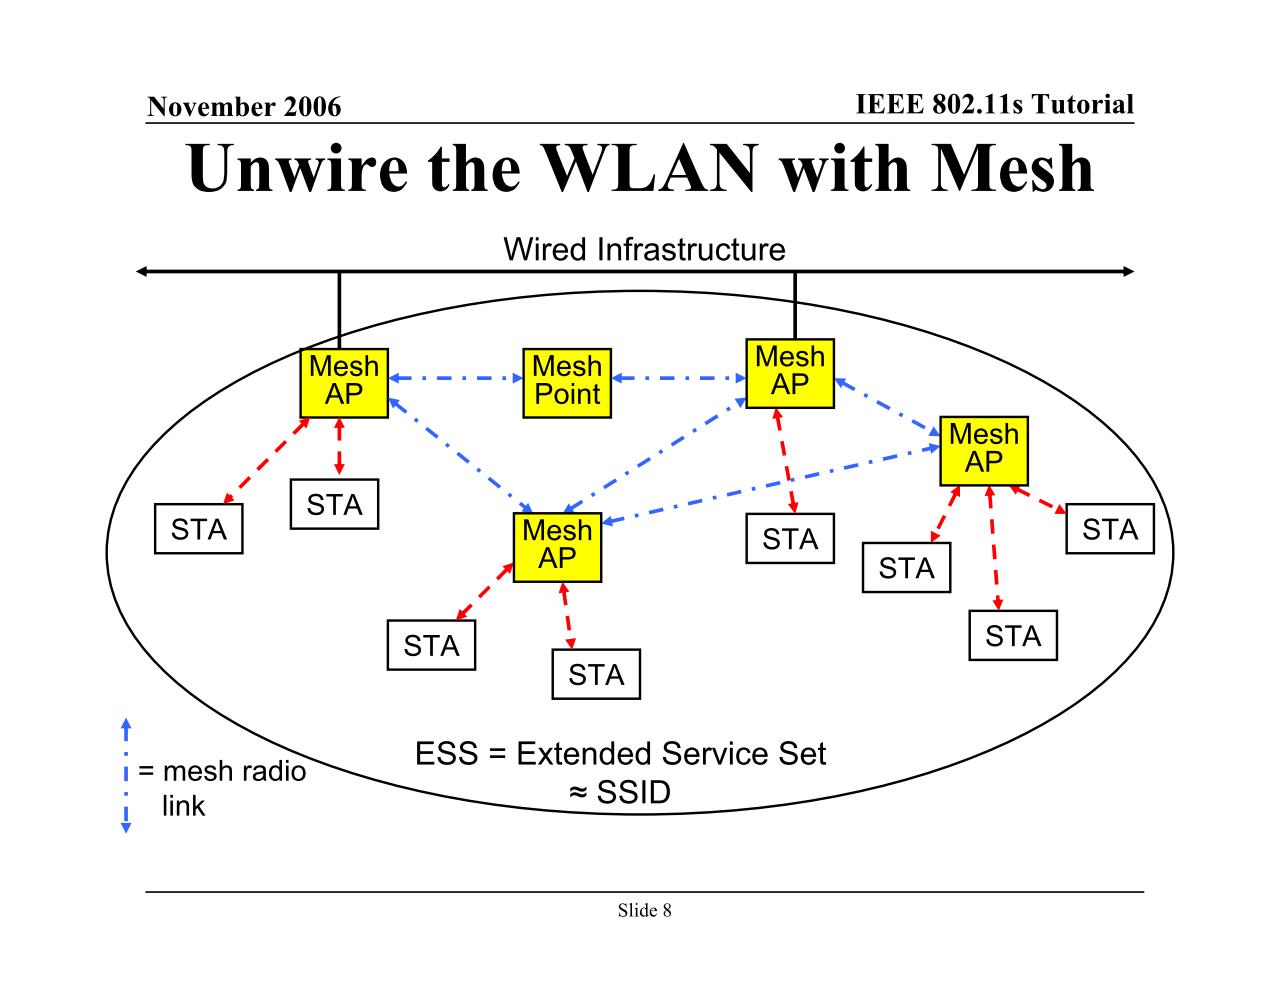 """このMesh APのうち、Wired Infrastructureに繋がっている2つは「MPP(Mesh Point collocated with a mesh Portal)」と呼ばれるようになった。出典は2006年11月開催のIEEE 802 Plenary Sessionにおける「<a href=""""http://www.ieee802.org/802_tutorials/06-November/802.11s_Tutorial_r5.pdf"""" class=""""n"""" target=""""_blank"""">IEEE 802.11s Tutorial</a>」のスライド"""